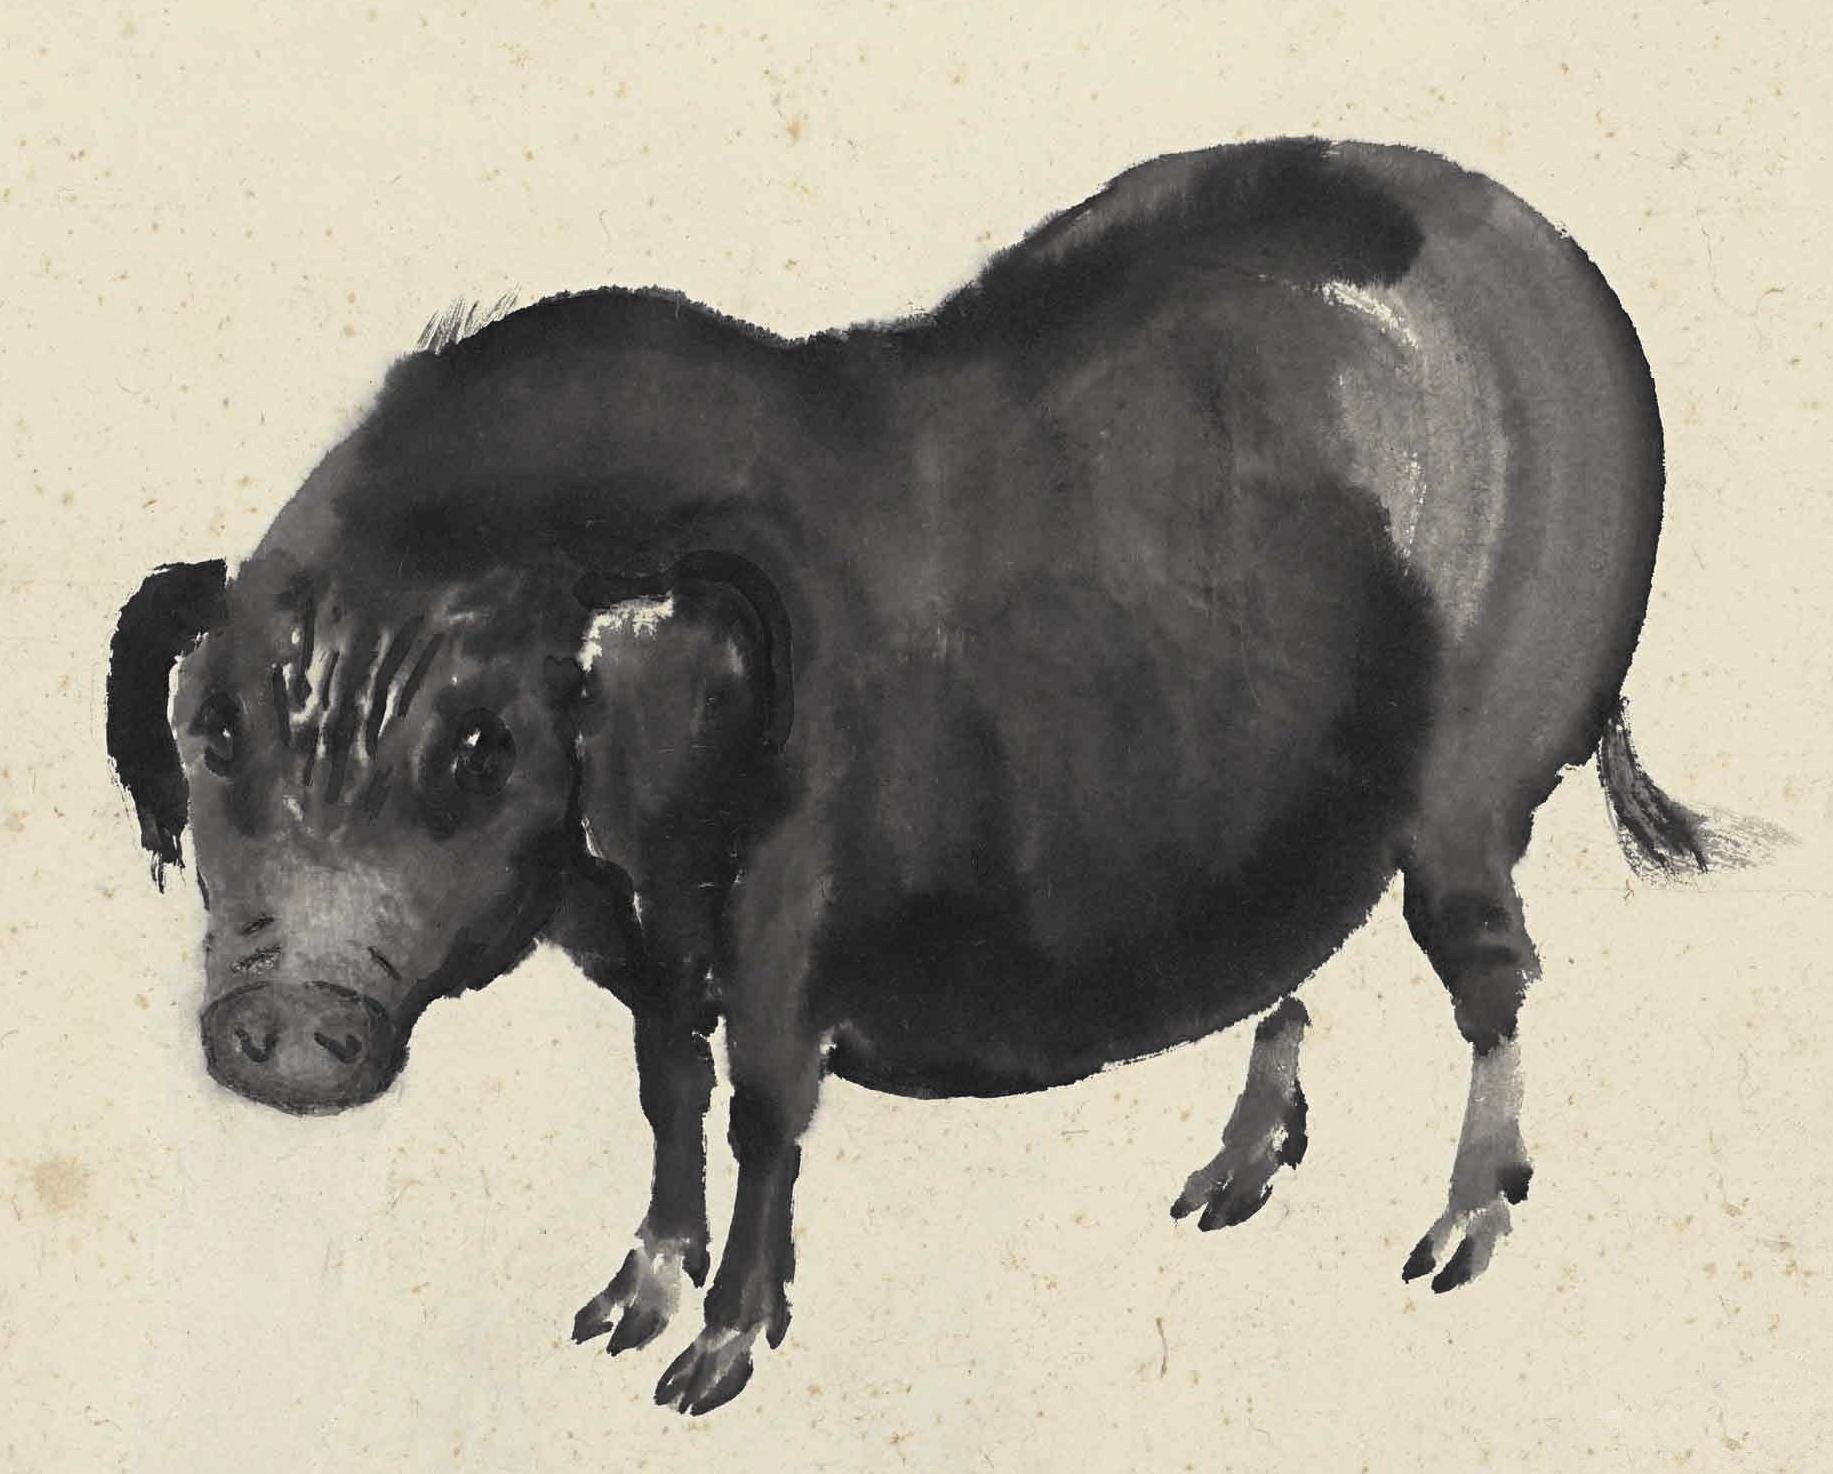 话说回来,除了徐悲鸿老师,还有哪些名家大师画过猪呢?图片